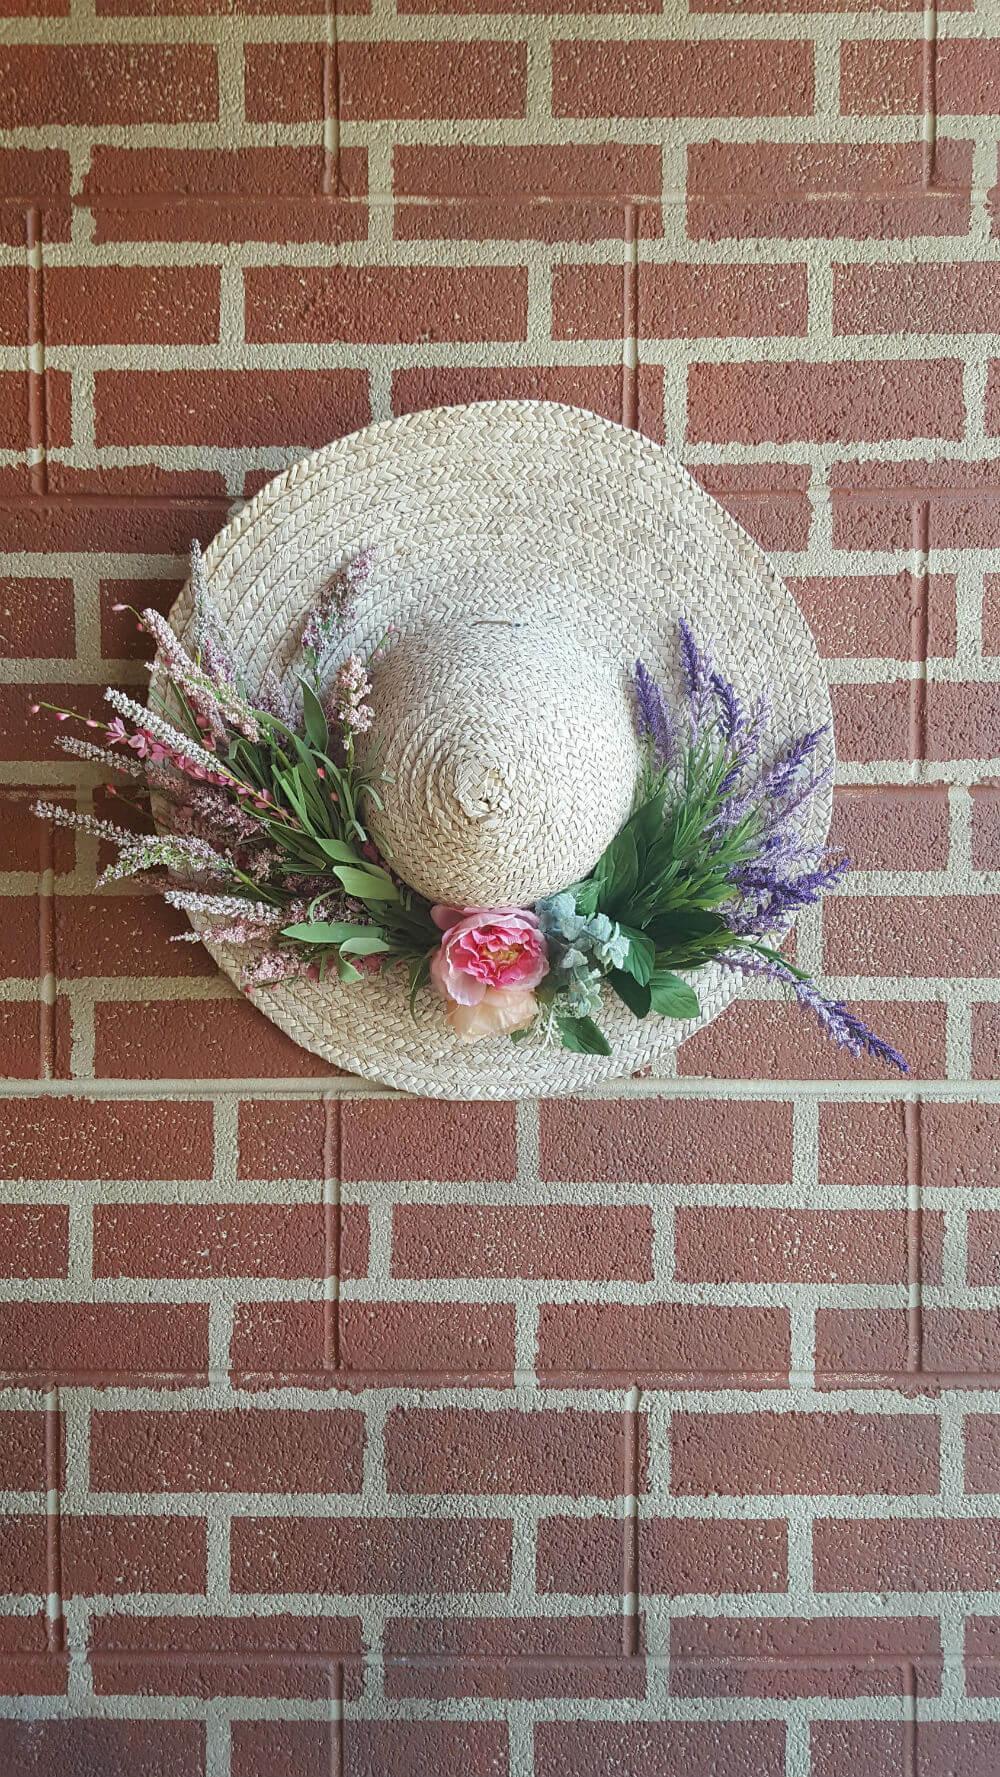 Chapeau de jardin suspendu floral Shabby Chic